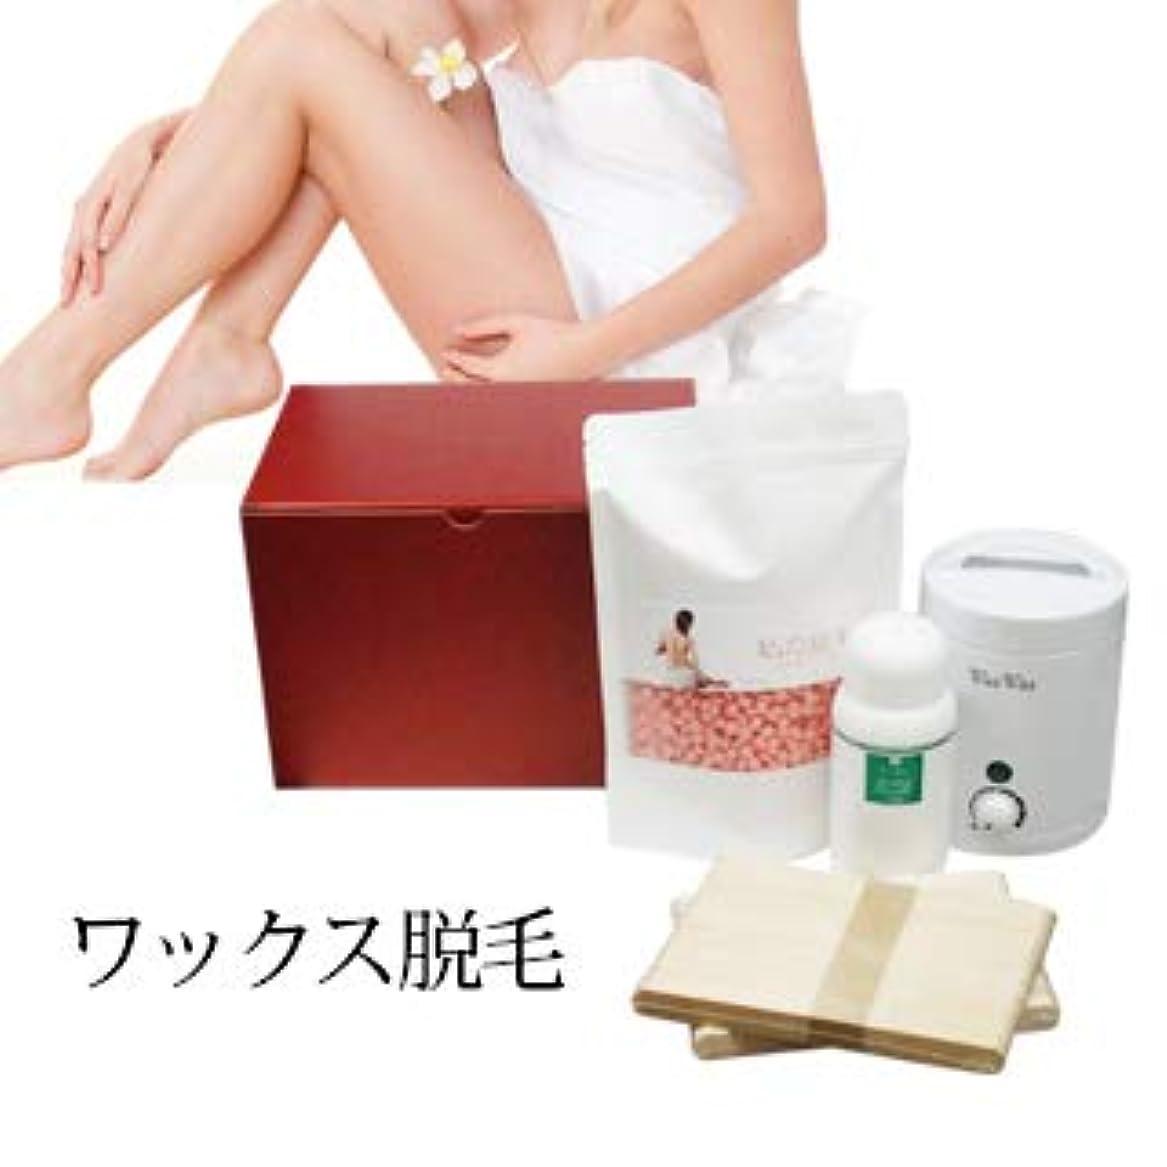 医薬羽化合物【レディース 私の脱毛】WaxWax ワックス脱毛キット